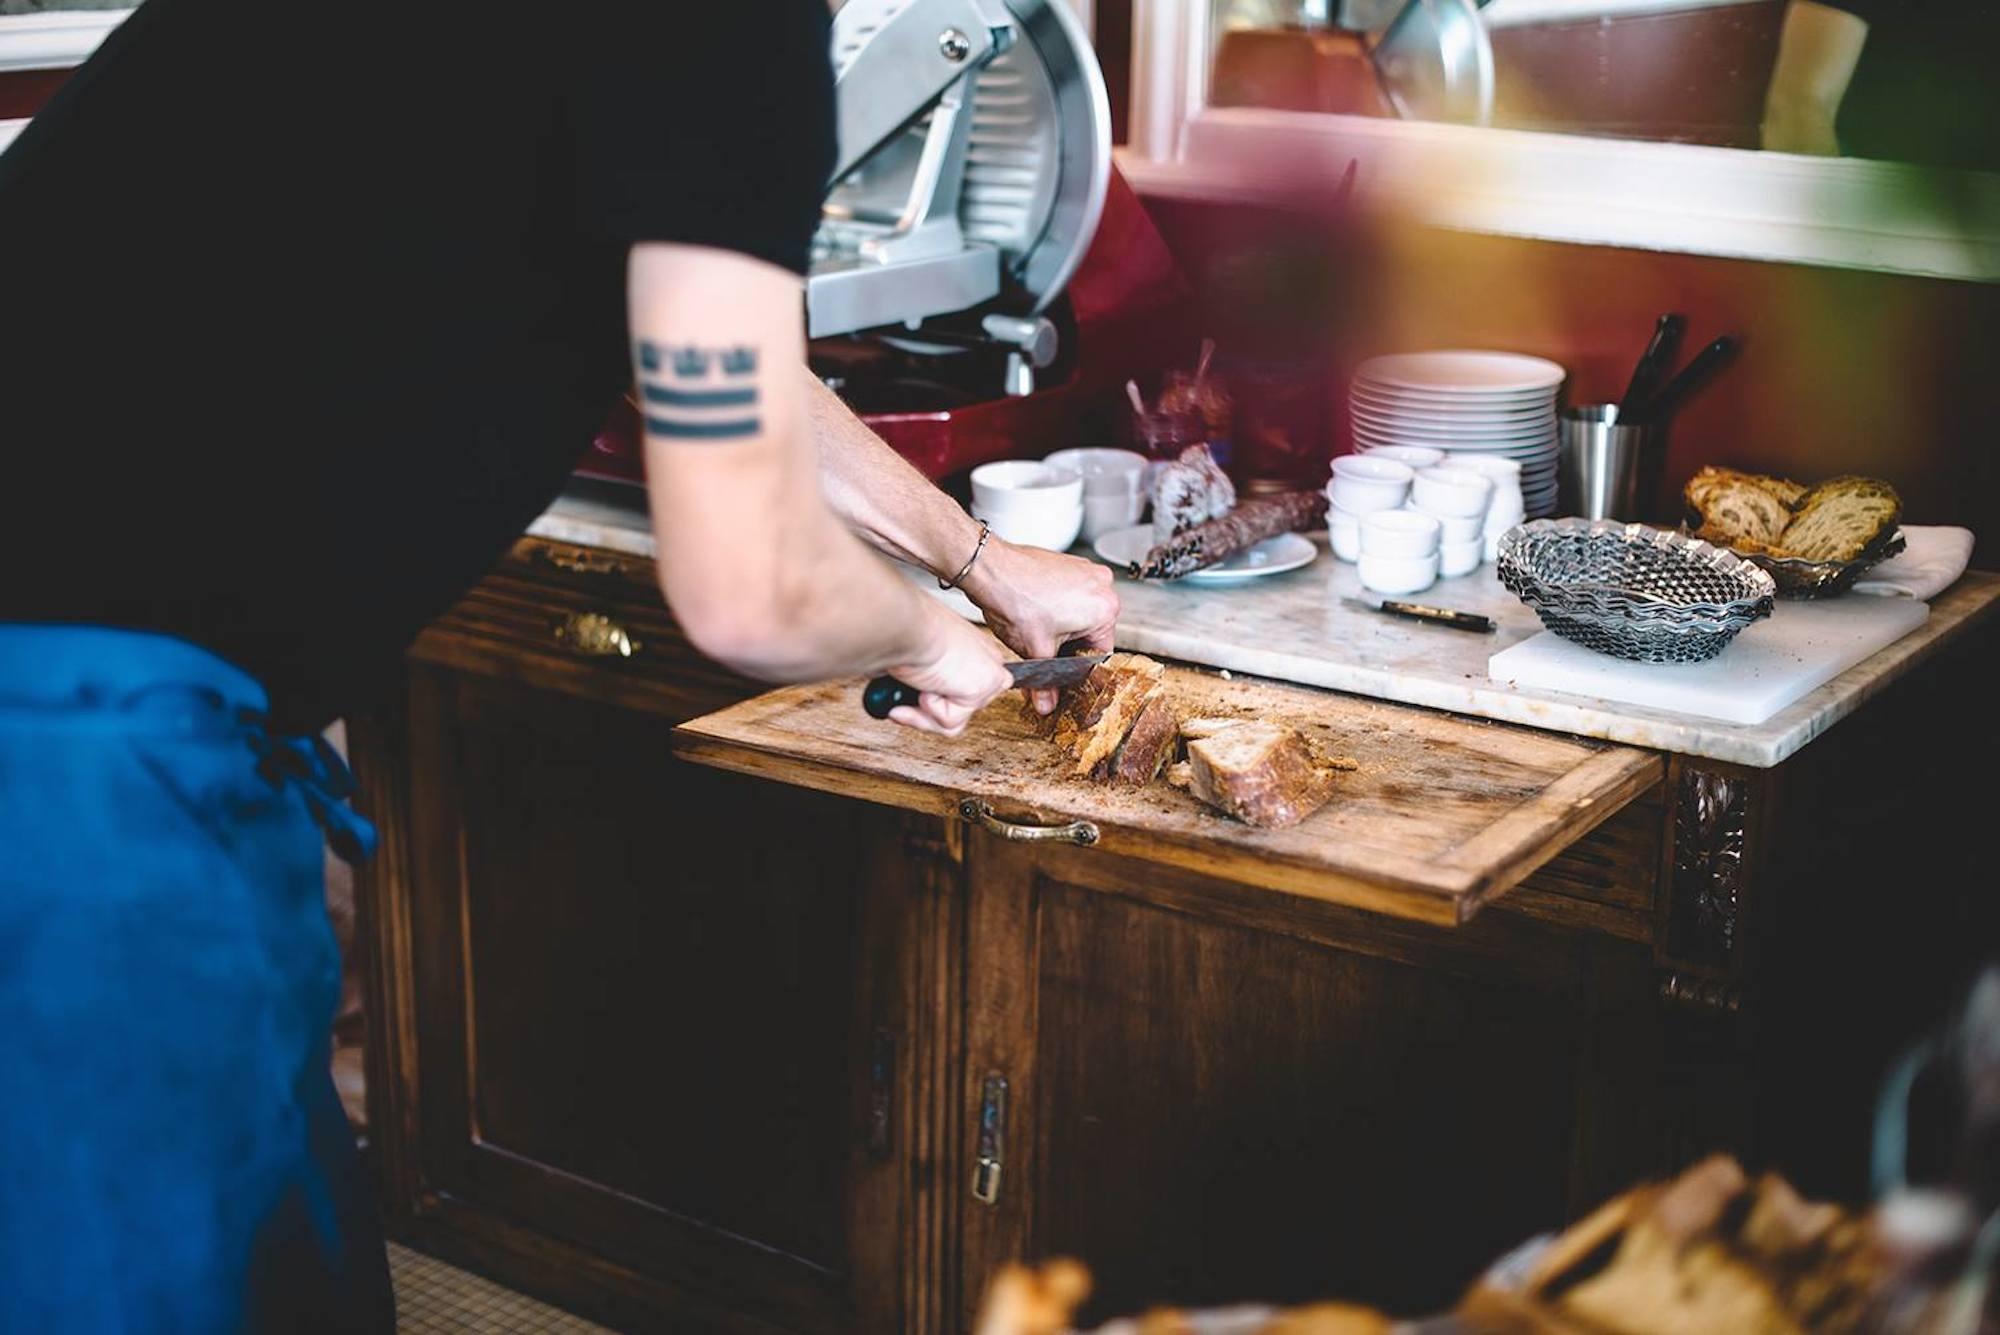 A waiter slicing baguettes at La Fontaine de Belleville, a top brunch spot in Paris.